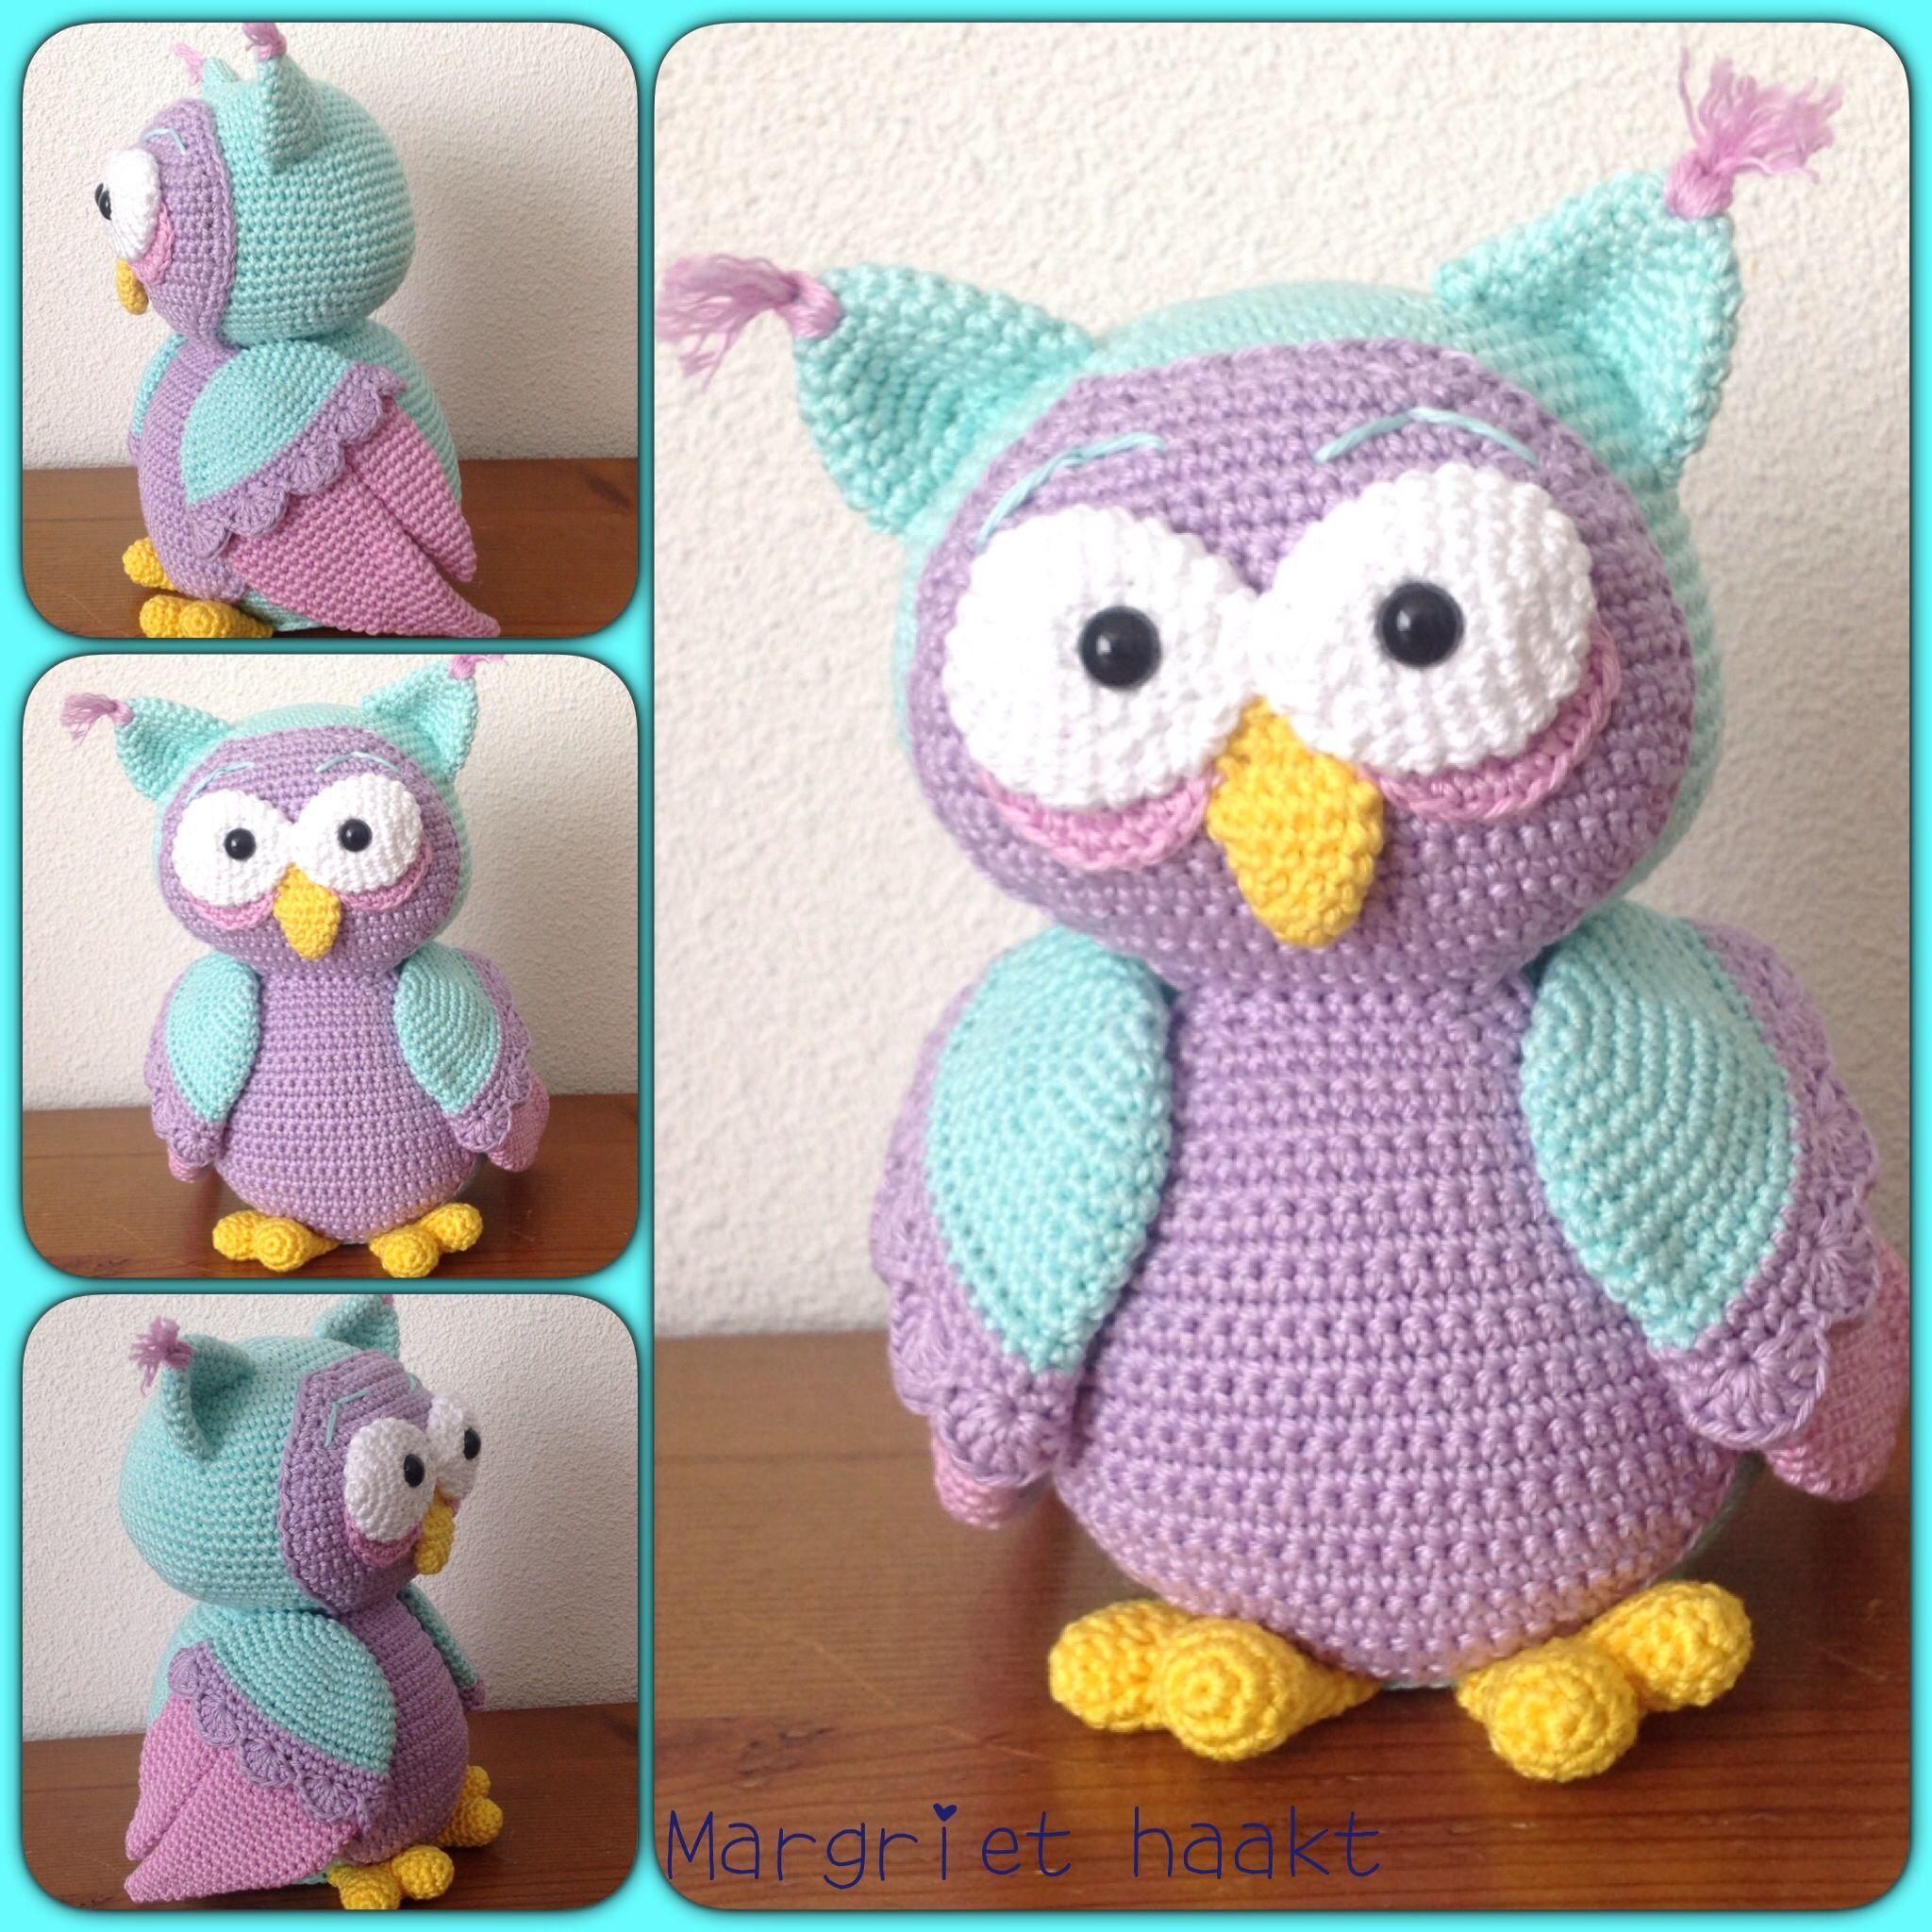 Gehaakte uil / crochet owl | Crochet toys | Pinterest | Artesanía de ...